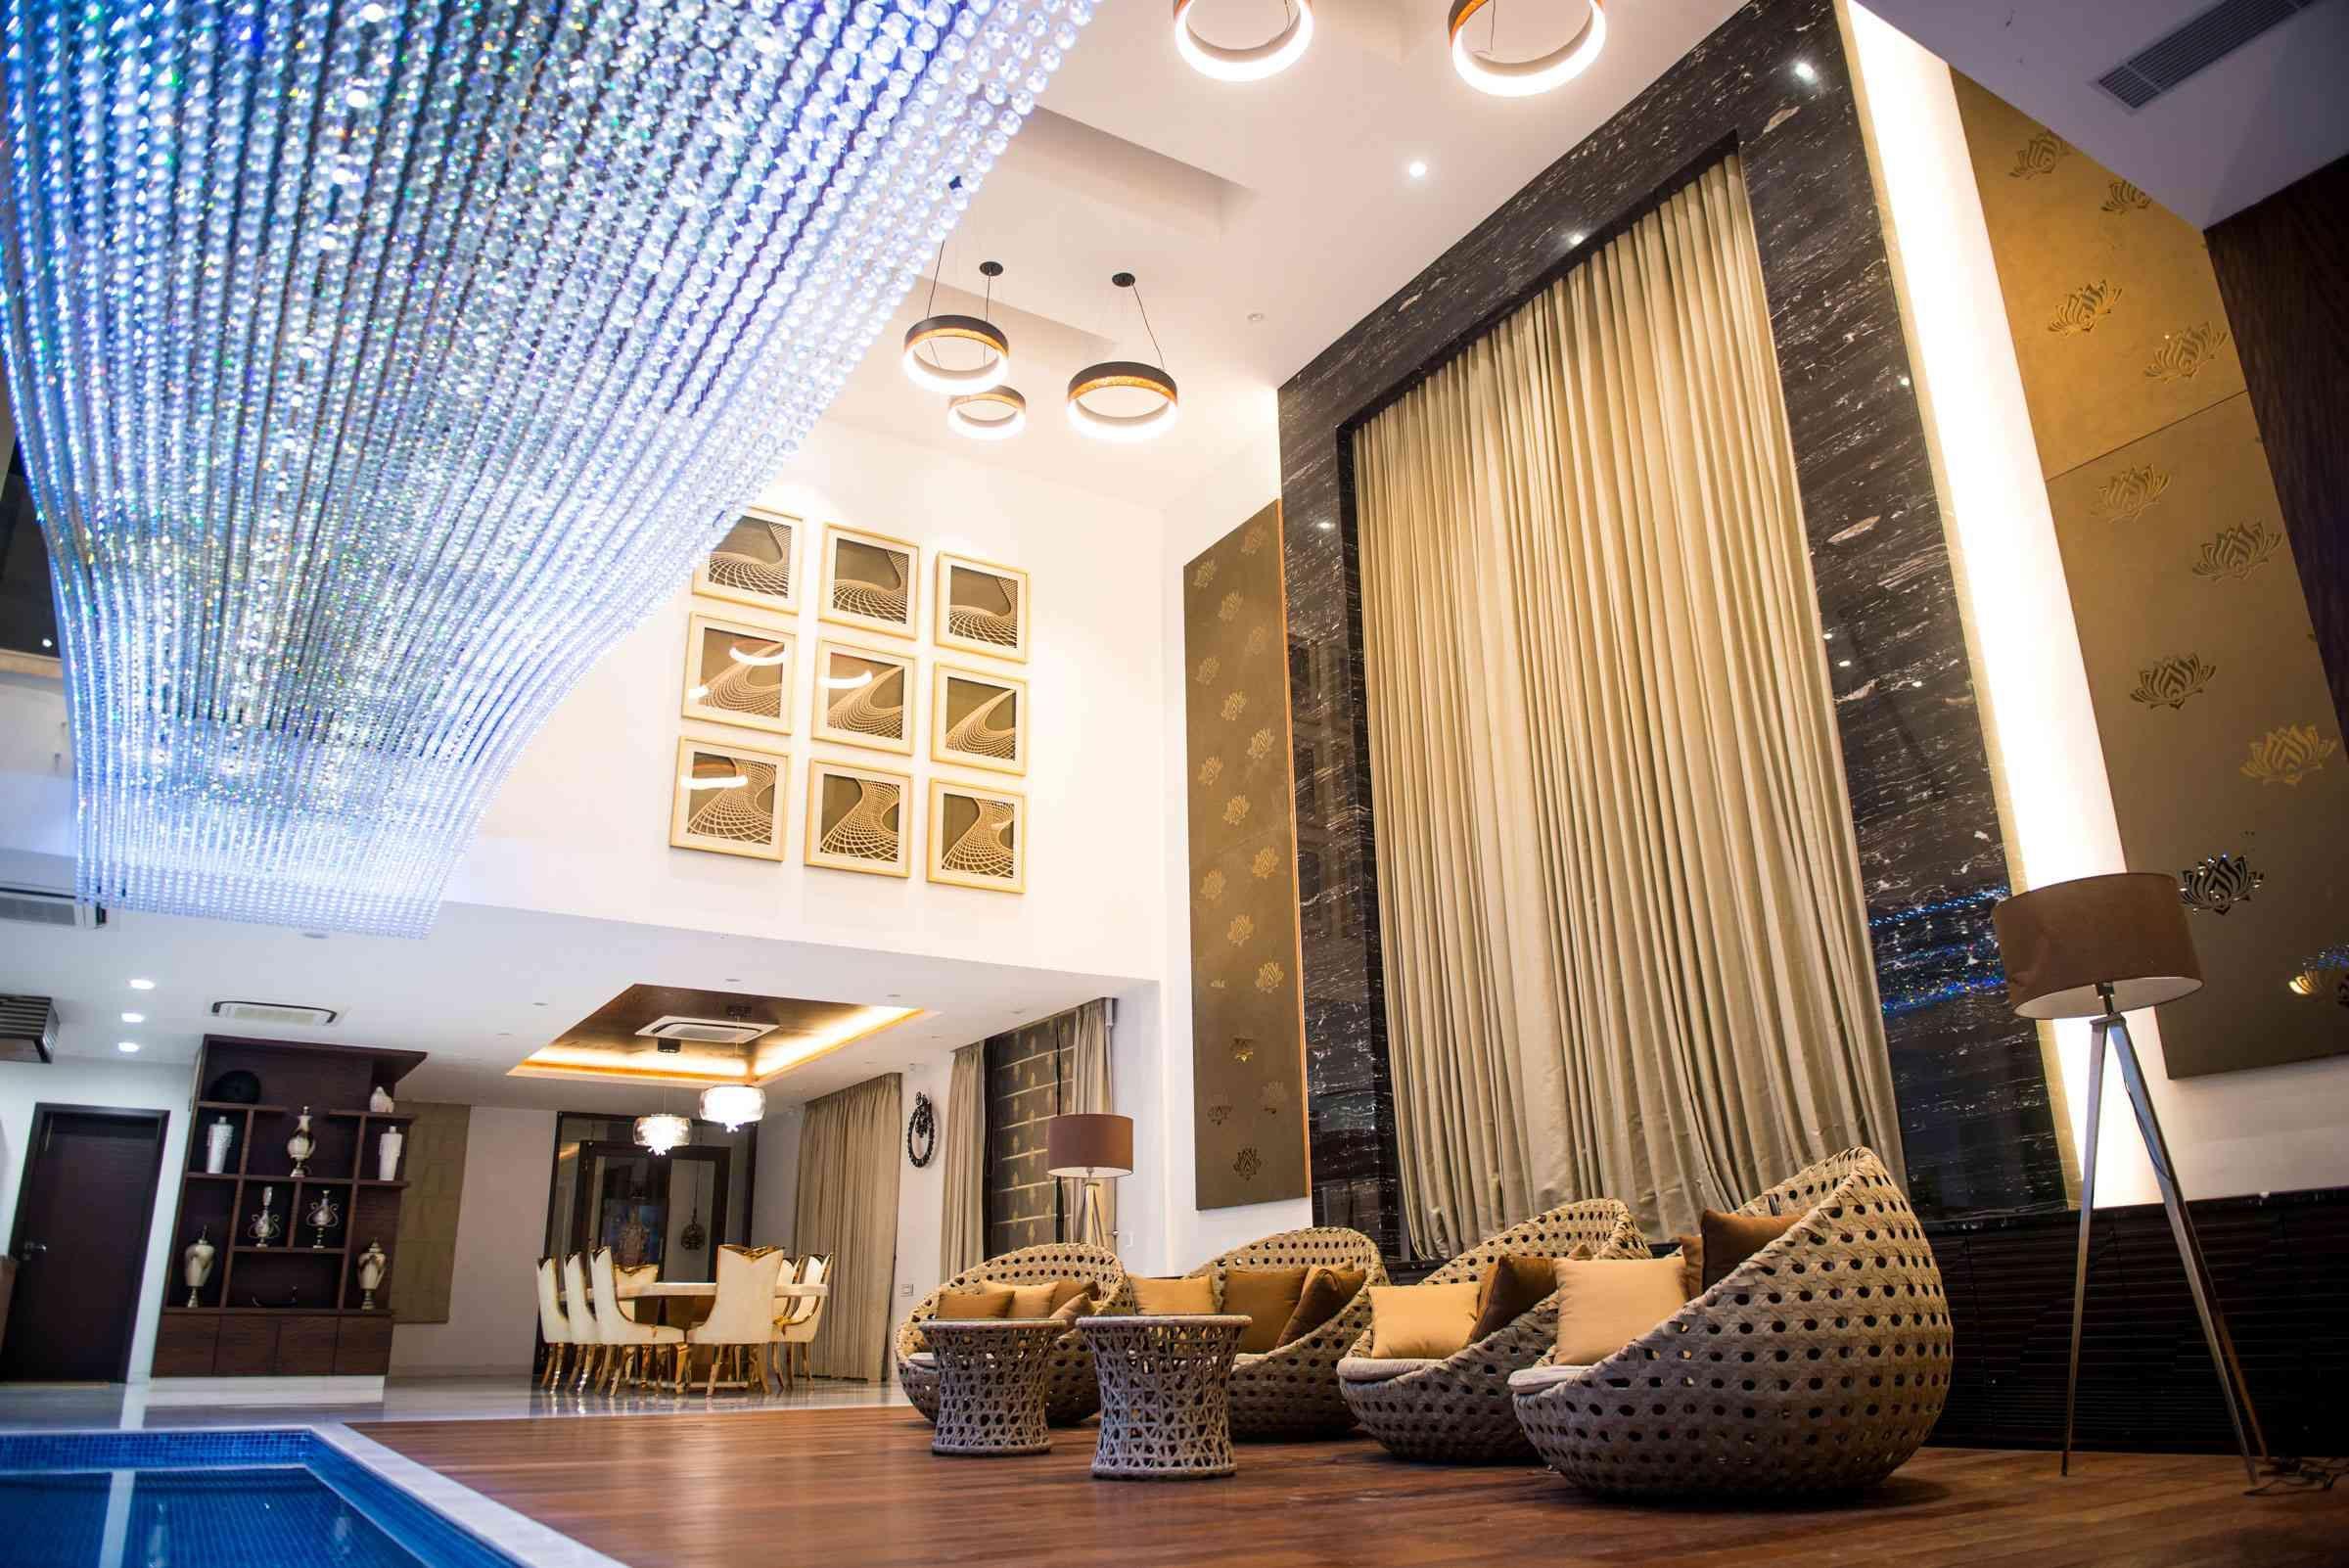 Design k square architects Dream Homes Pinterest